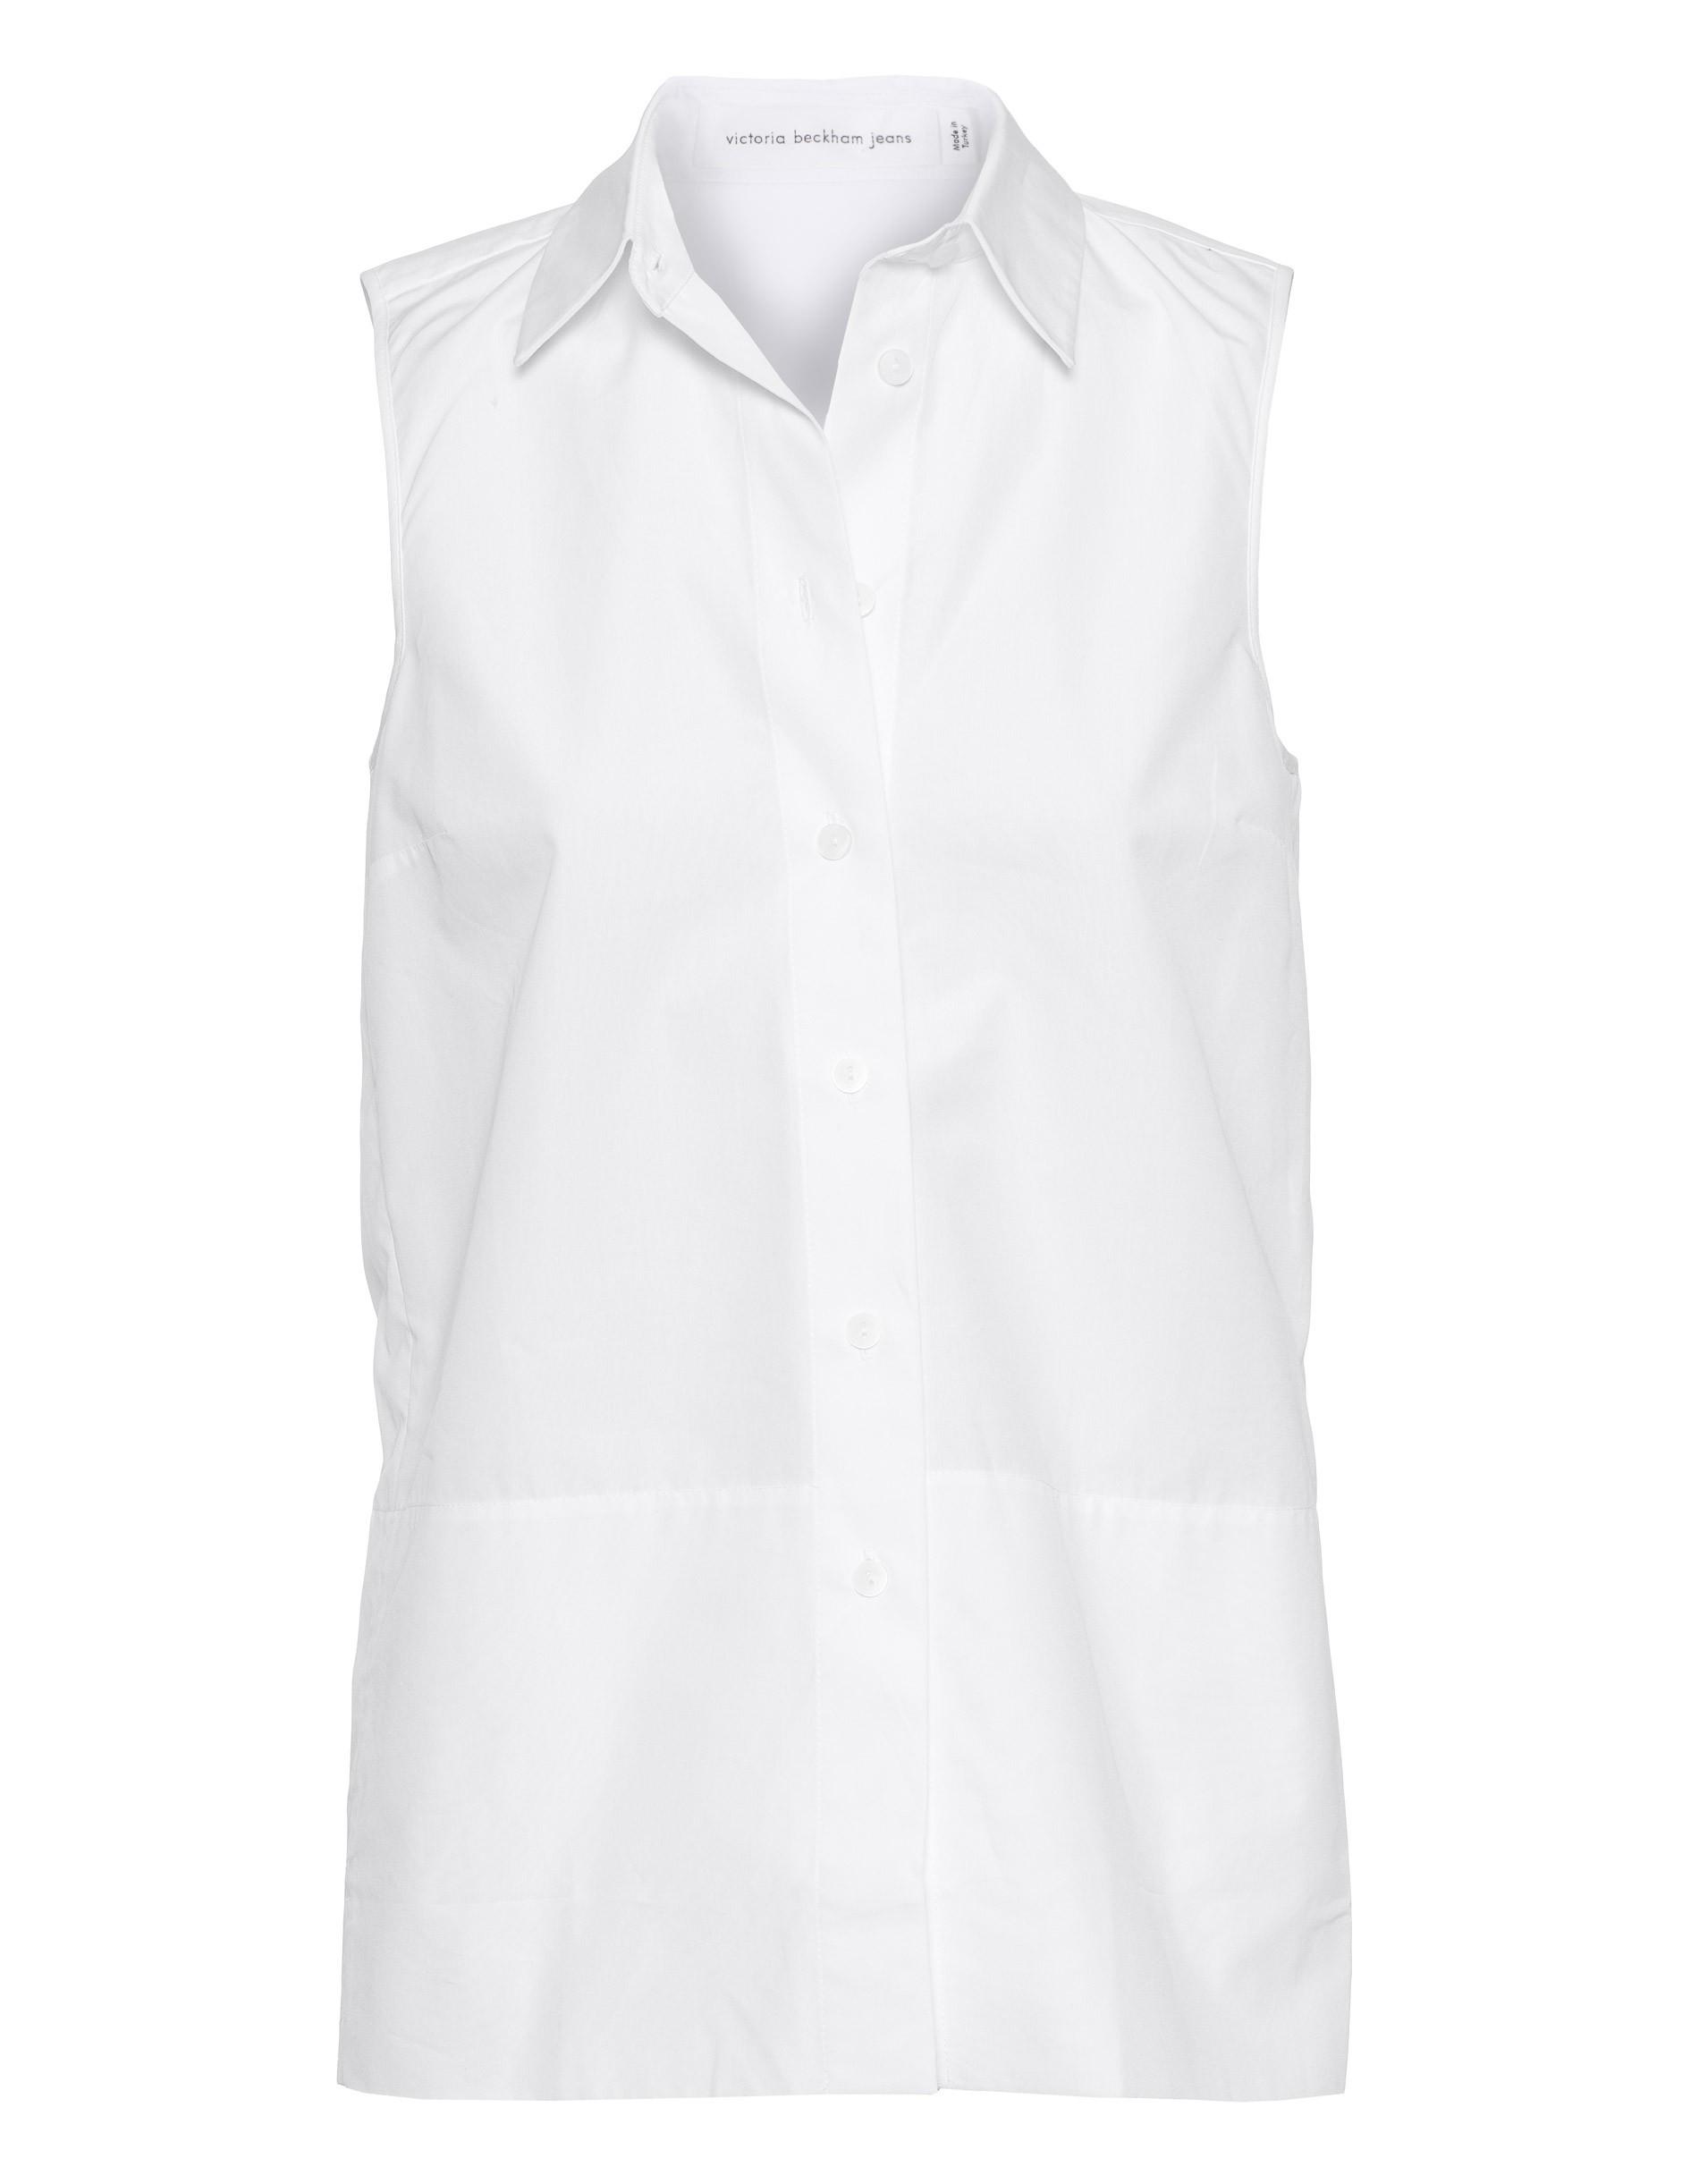 Victoria beckham koszula vbt250ss15m309